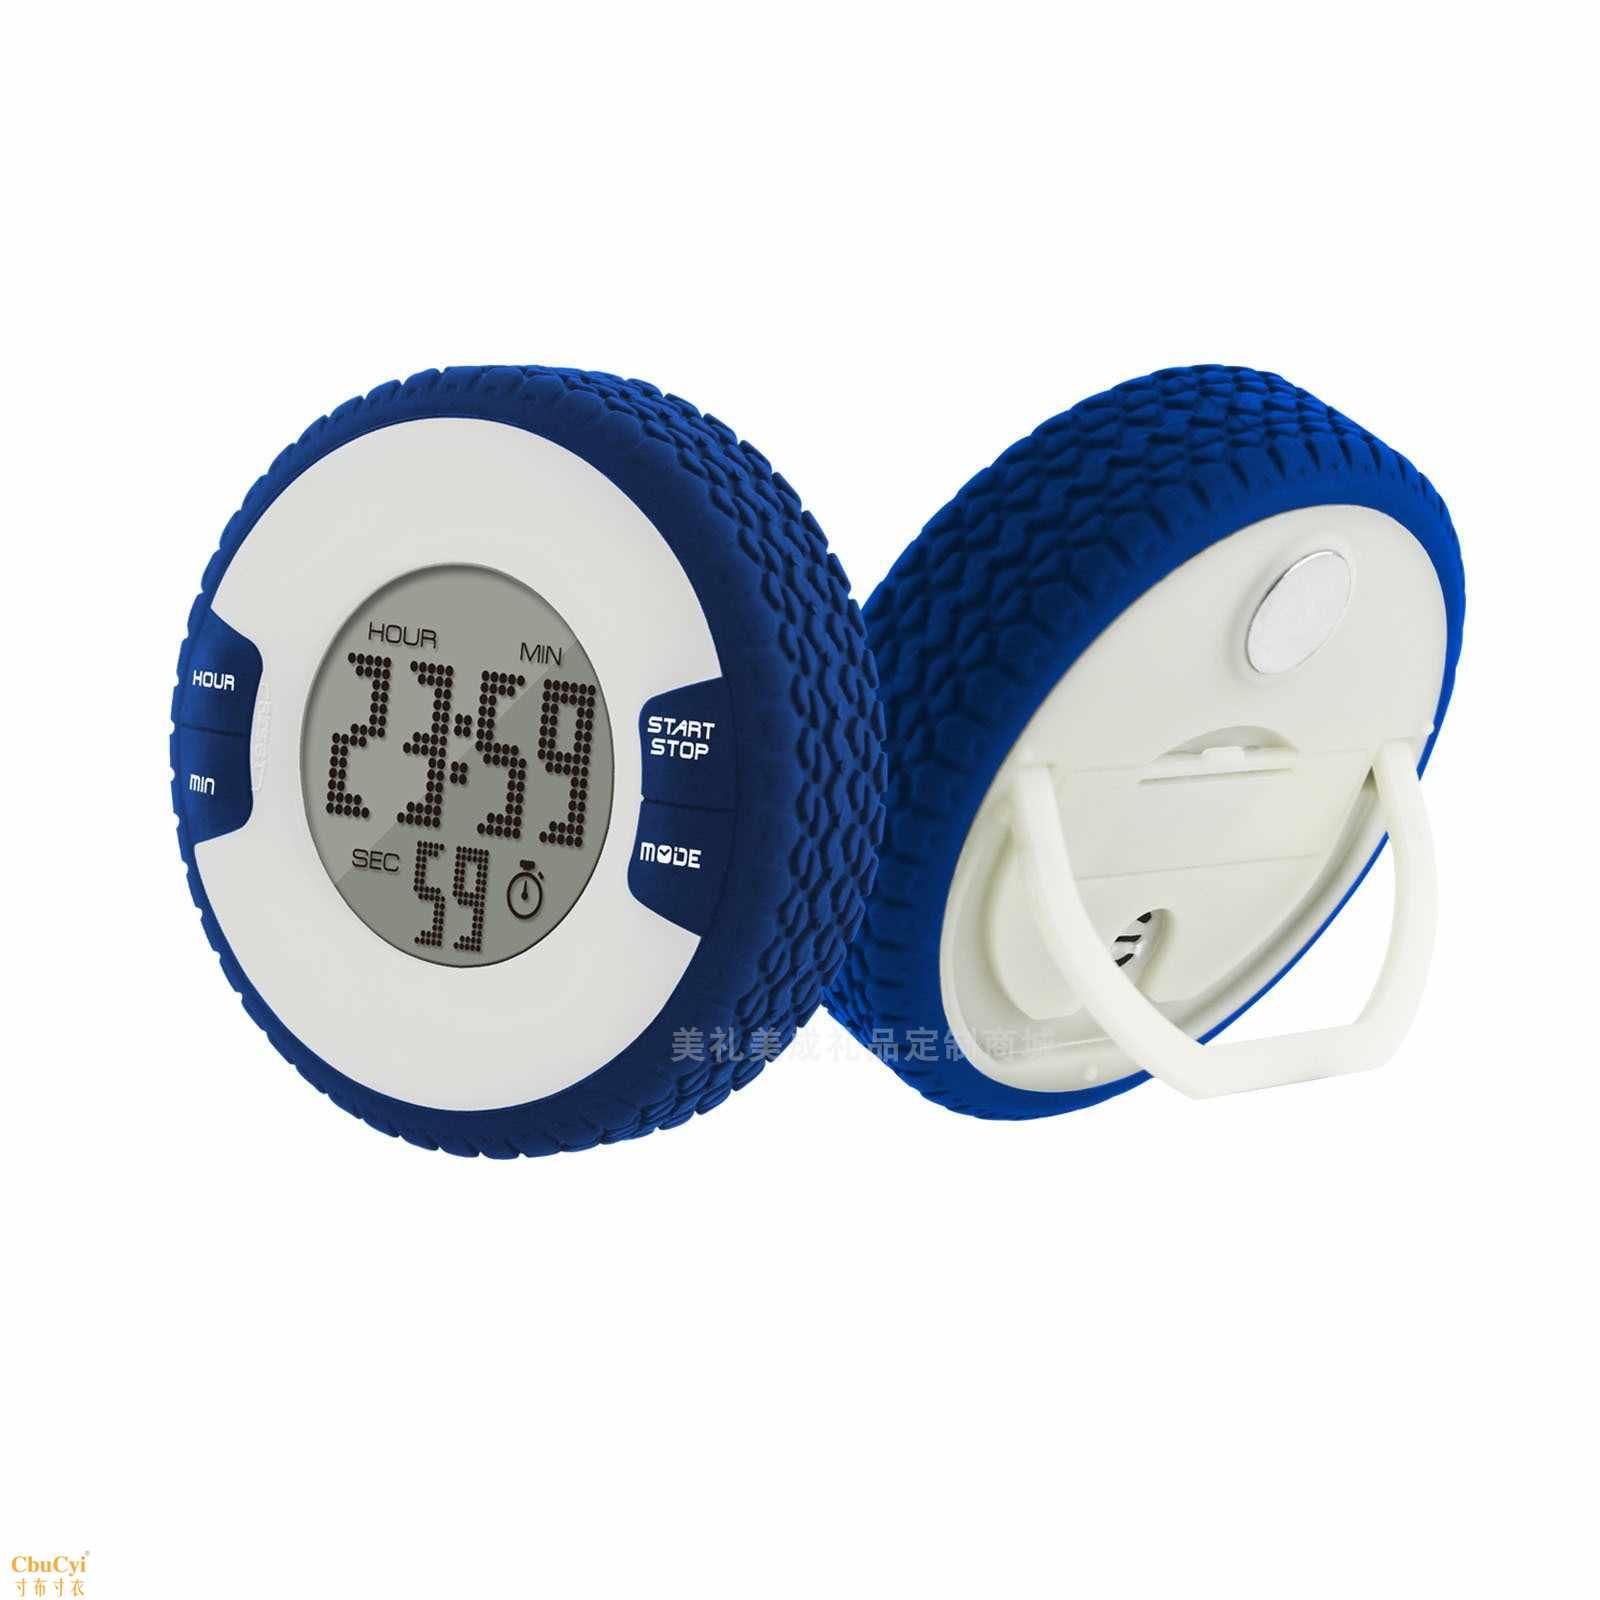 タイヤタイマーの数字が表示されています。カウントダウン目覚まし時計が学生用の円形シリコン時計の電子タイマーがカスタマイズされています。